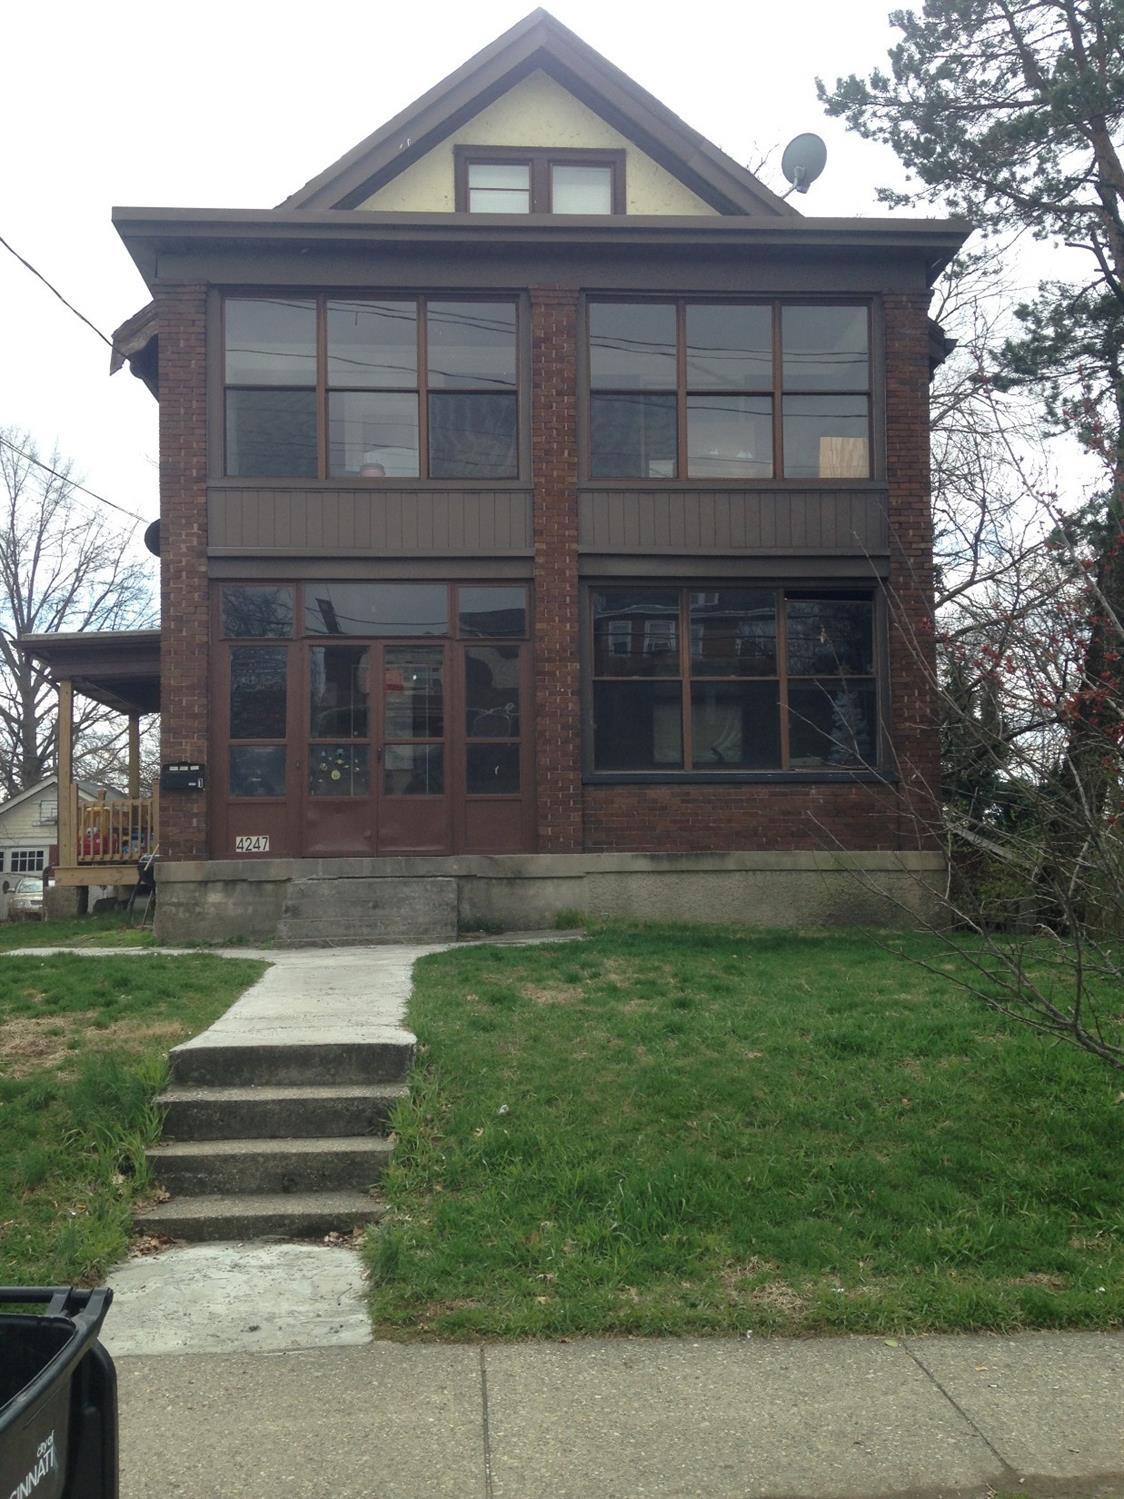 4247 W Eighth St Cincinnati OH